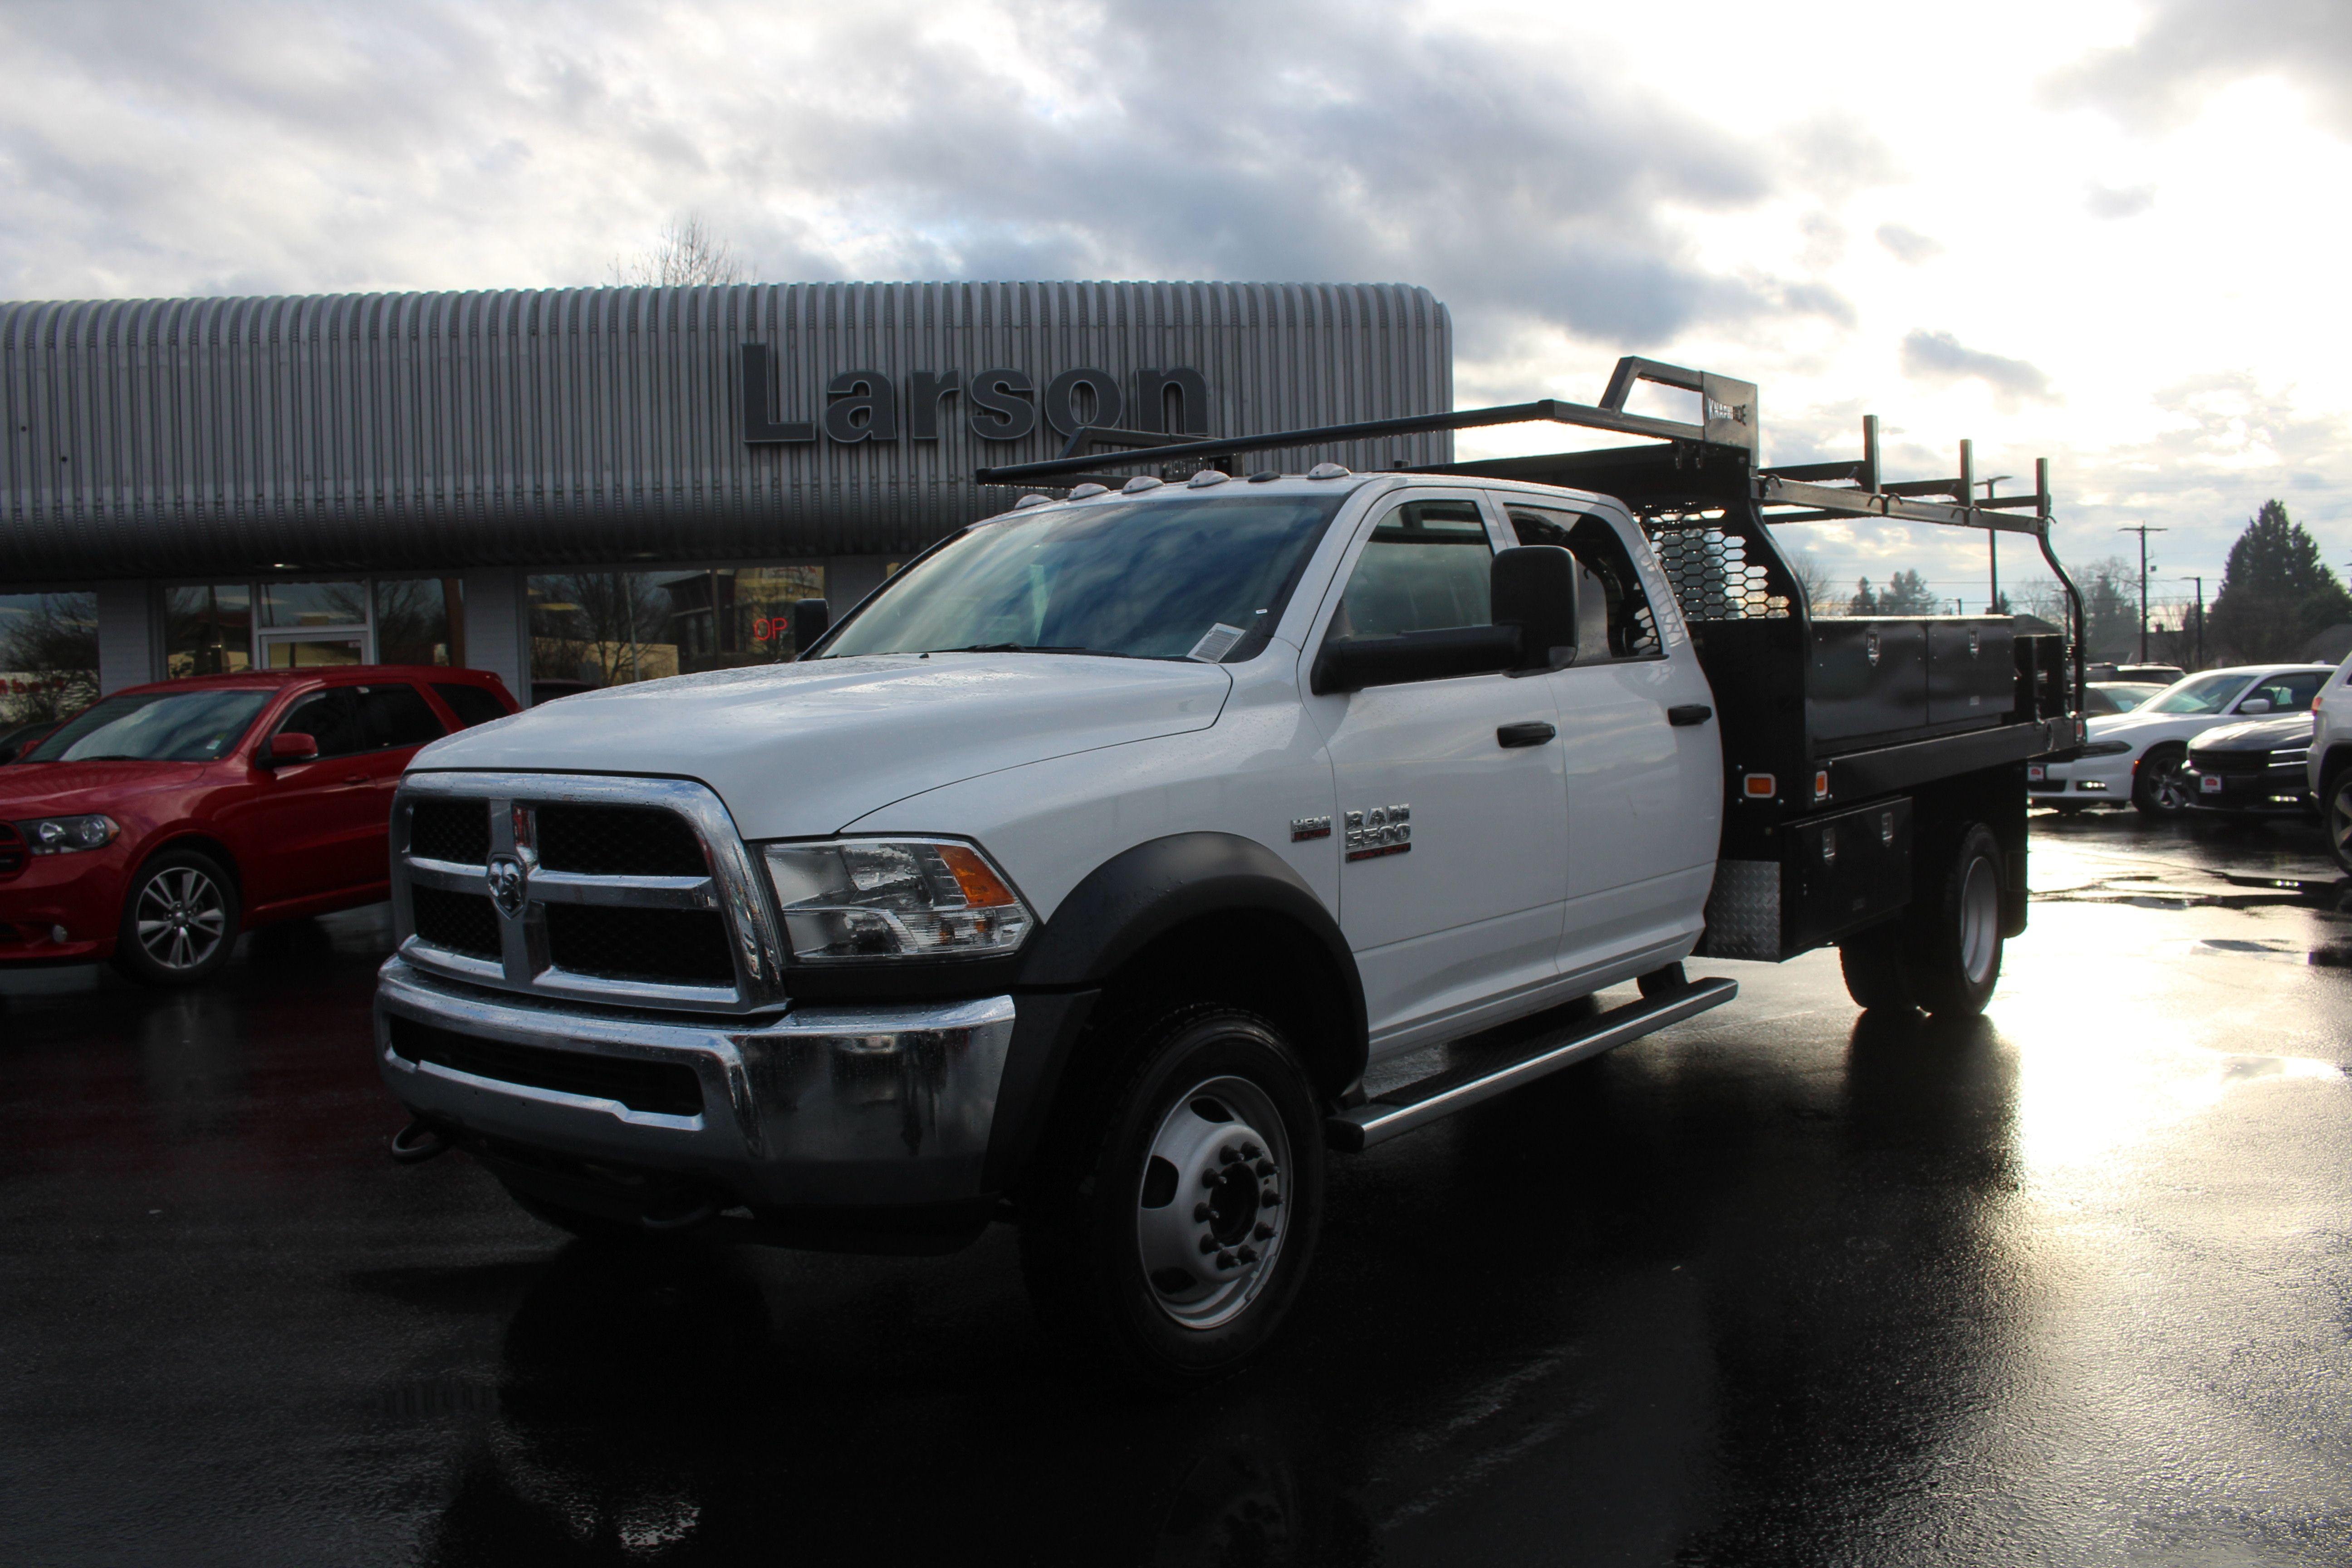 Knapheide Ram 5500 Trucks